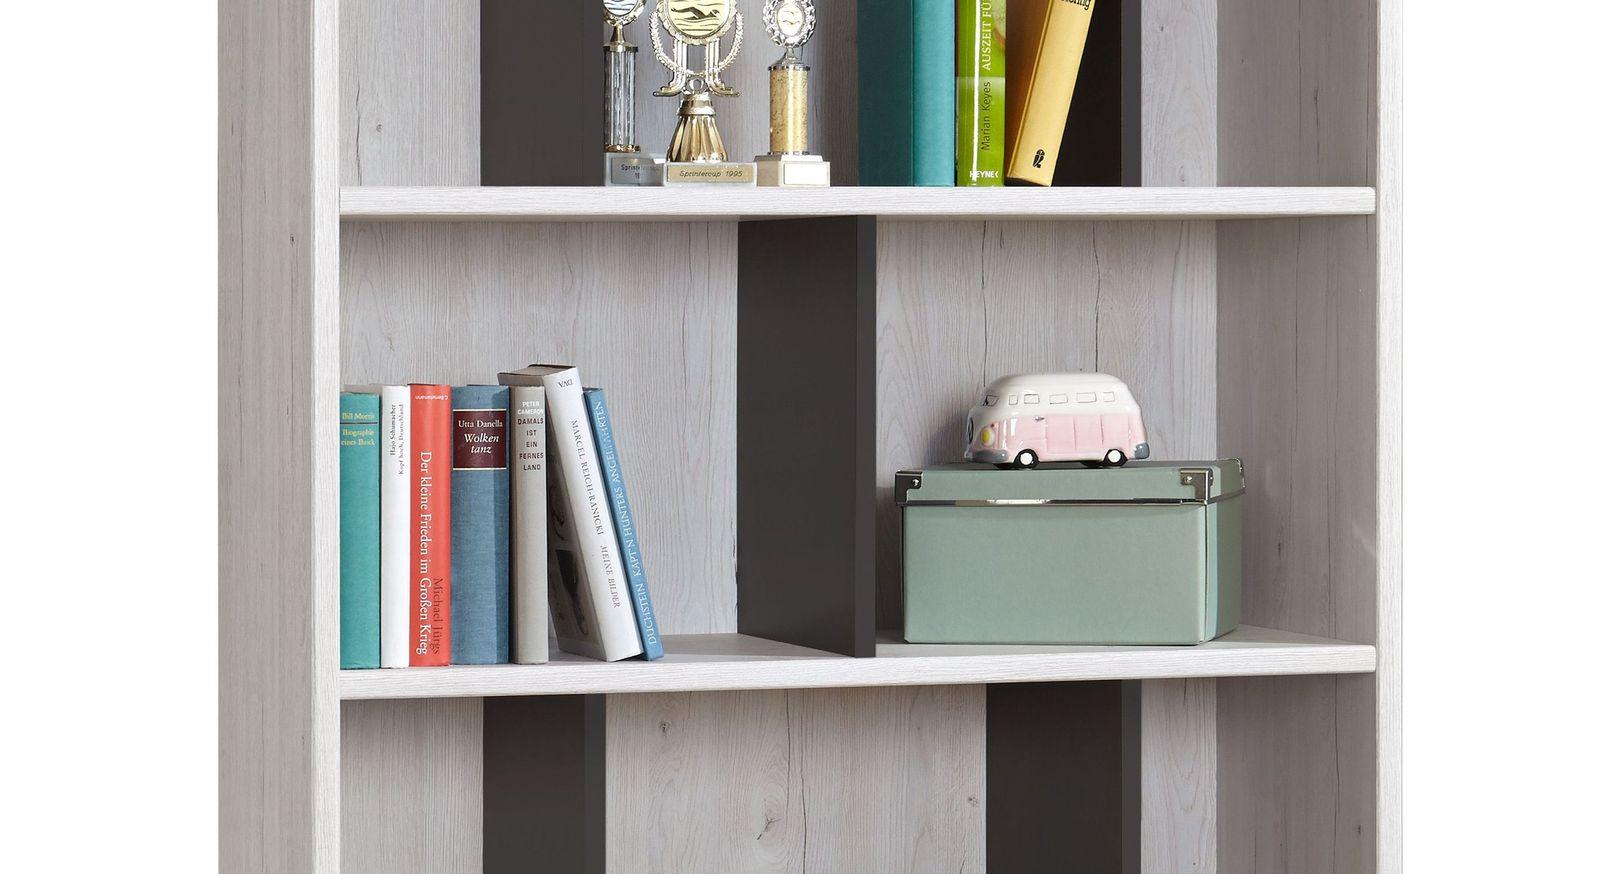 Dekor-Bücherregal Mereto mit optimaler Unterteilung